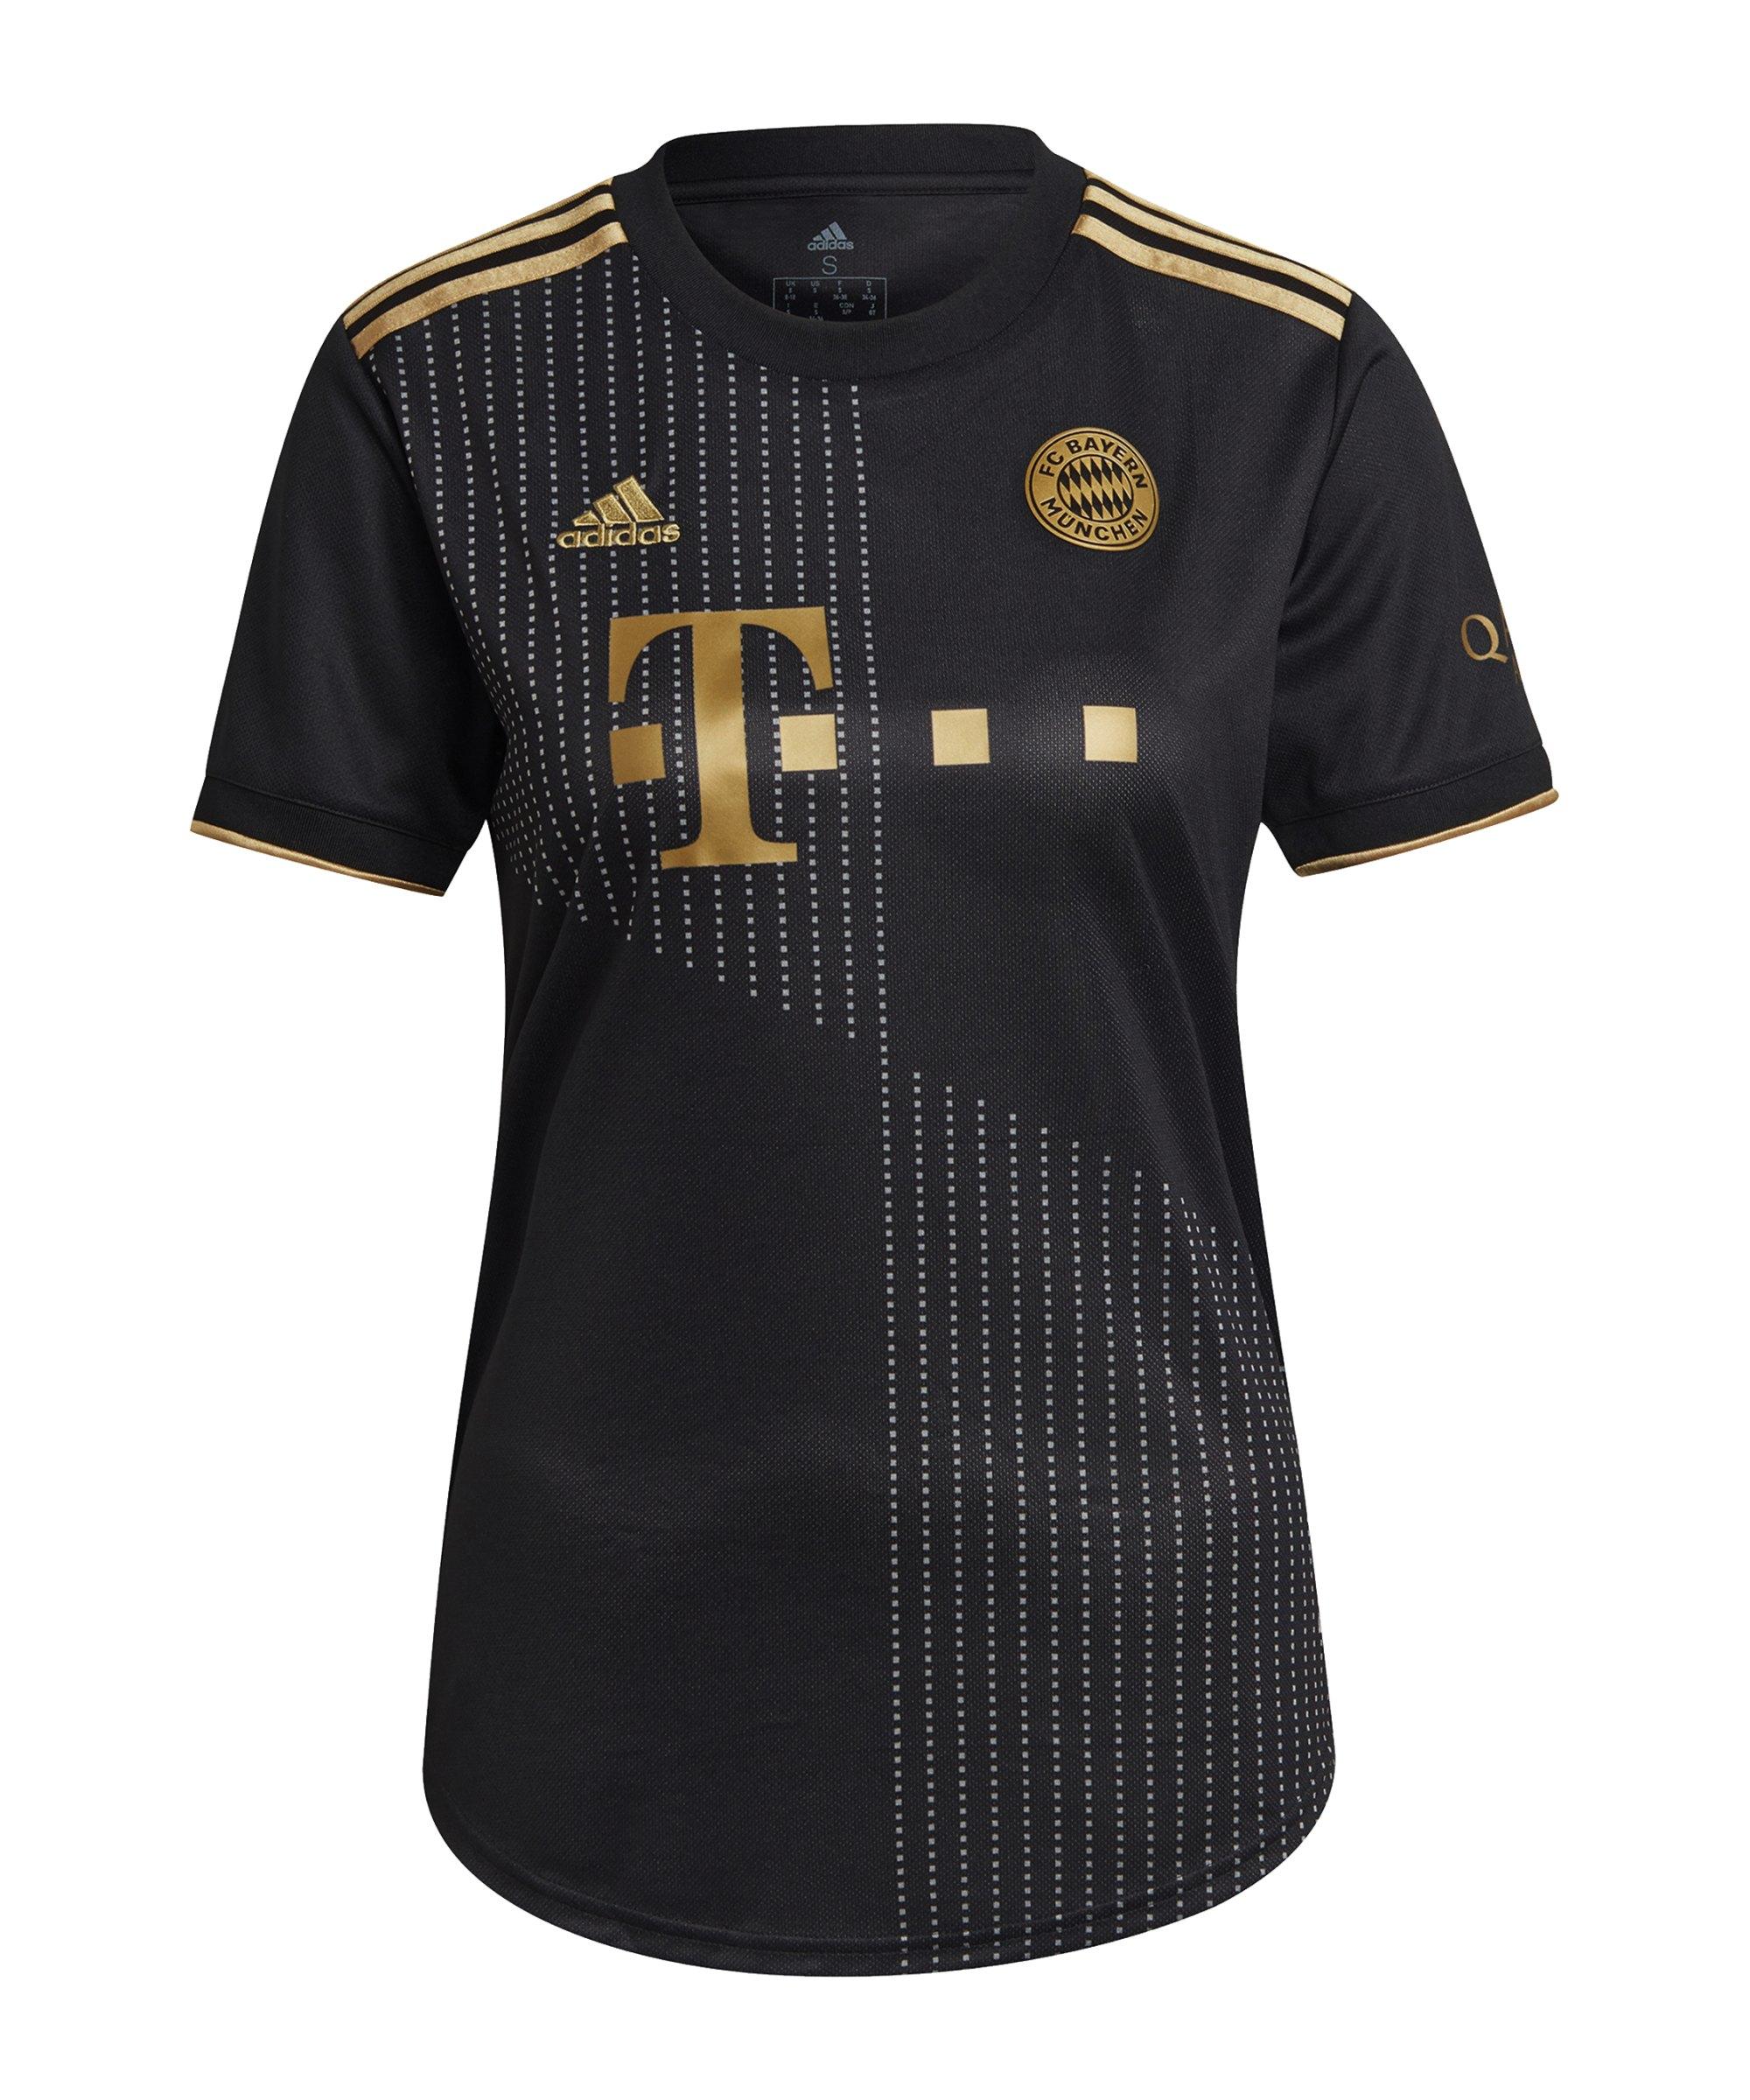 adidas FC Bayern München Trikot Away 2021/2022 Damen Schwarz - schwarz